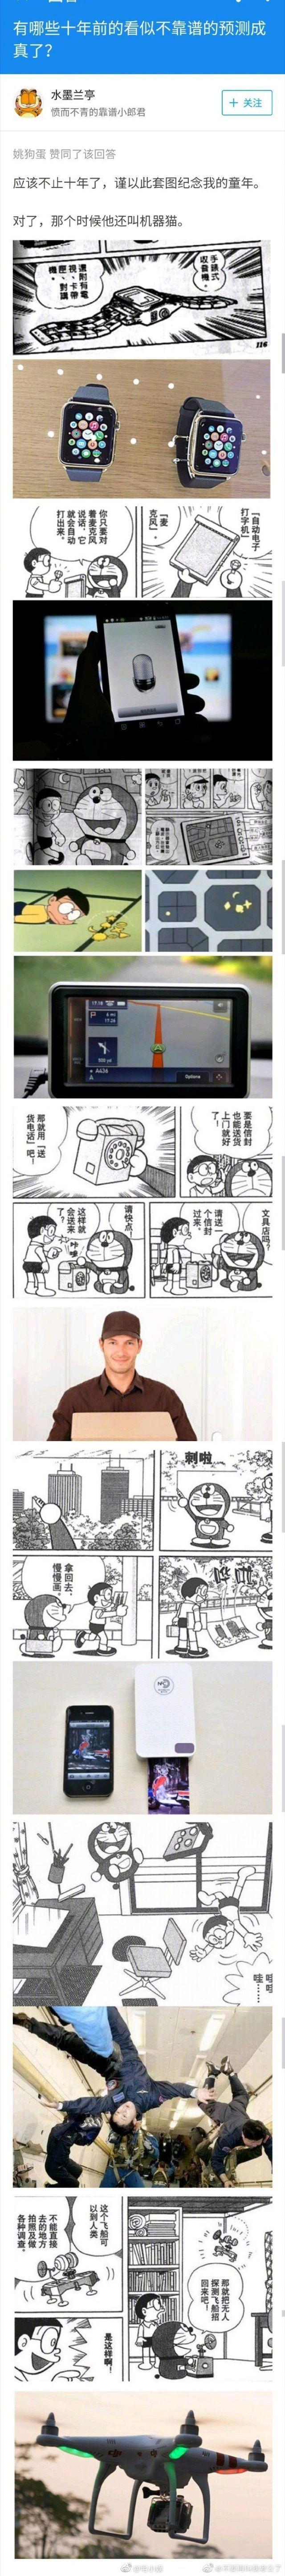 热门视频图片段子福利第84期:陕北民歌  福利社吧  图40